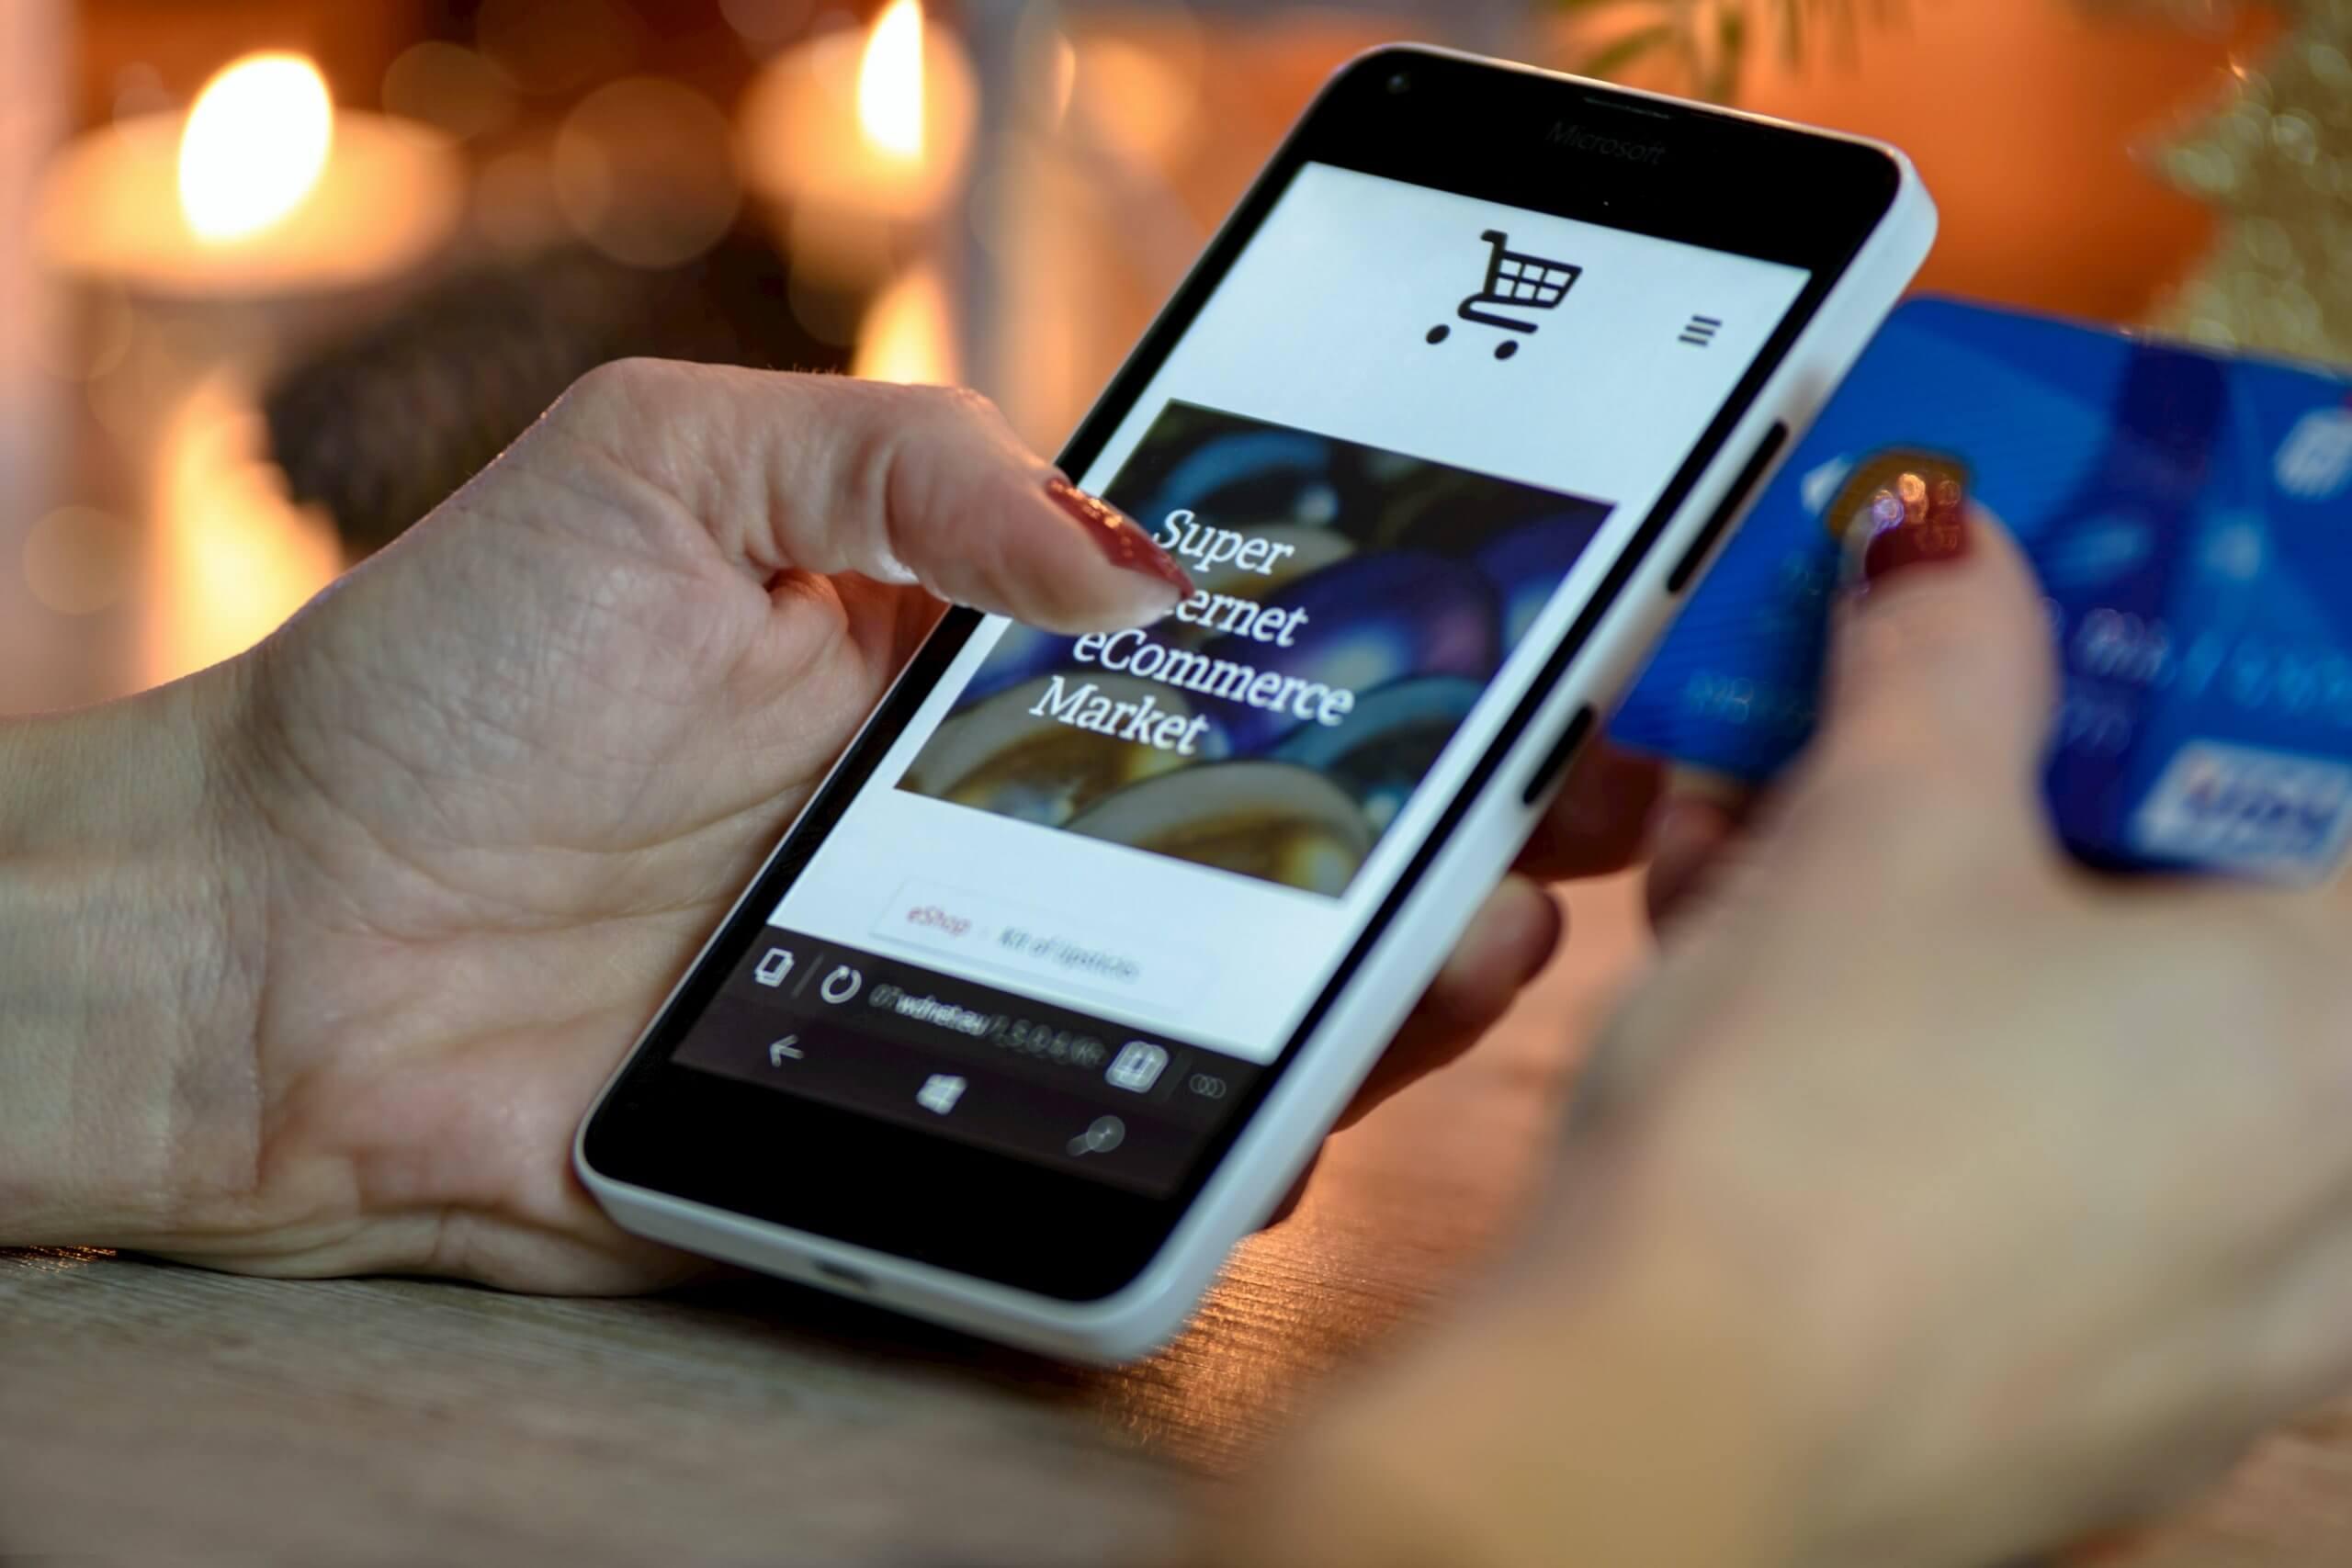 e-commerce es una forma de comercialización de compraventa diversos bienes mostrados a través de un catálogo en múltiples plataformas web